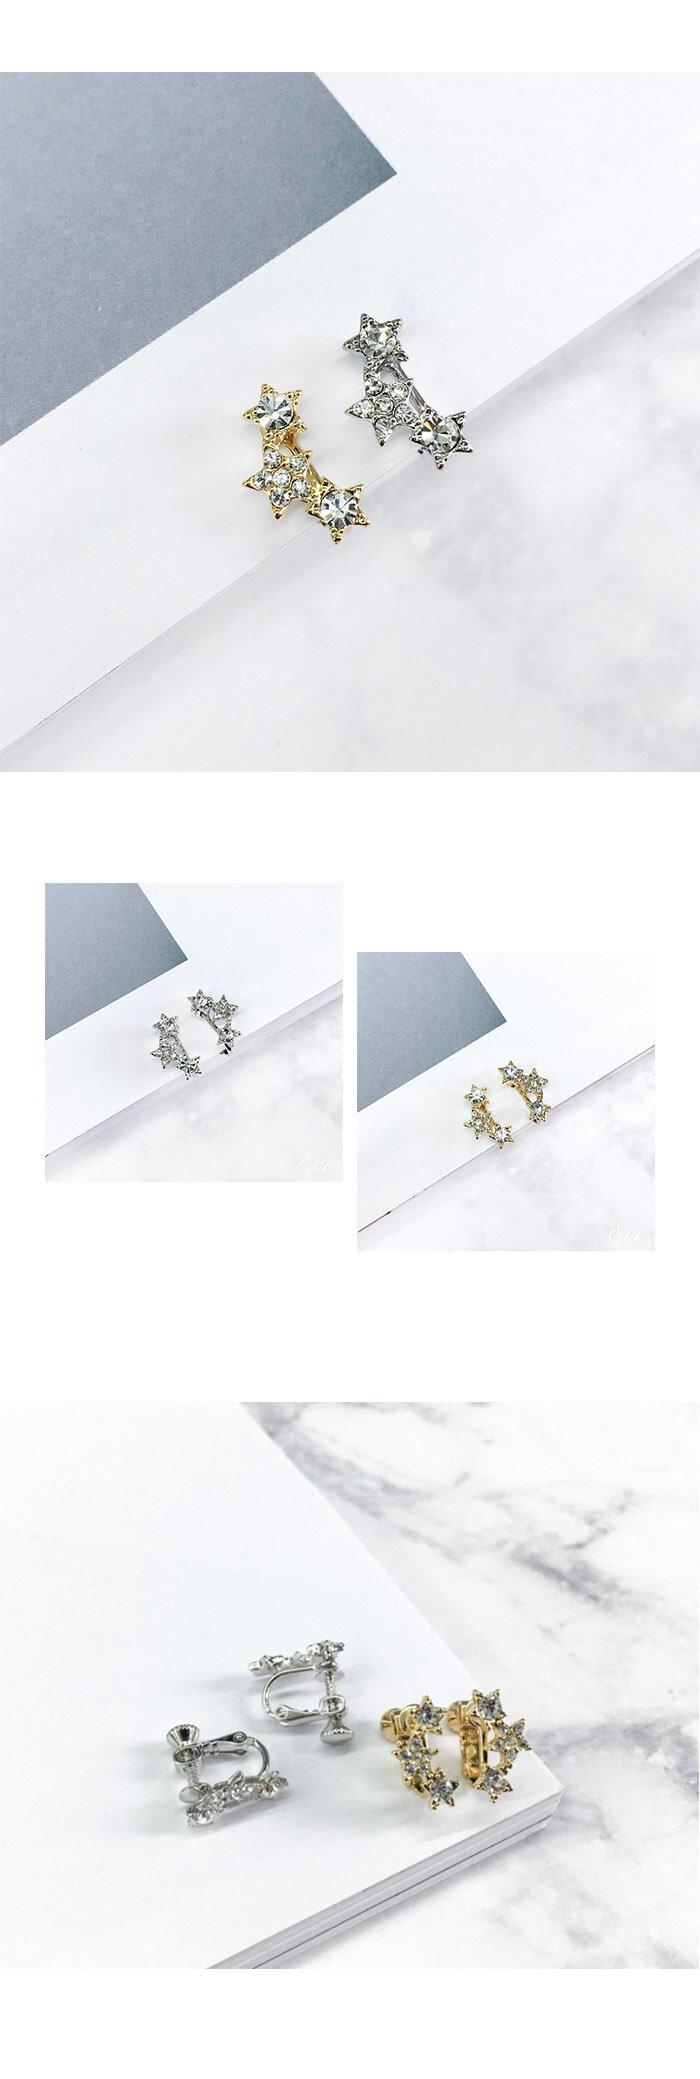 夾式耳環,耳夾式耳環,星星耳環,鑽石耳環,璀璨耳環,無耳洞耳環,正韓飾品,韓貨耳環